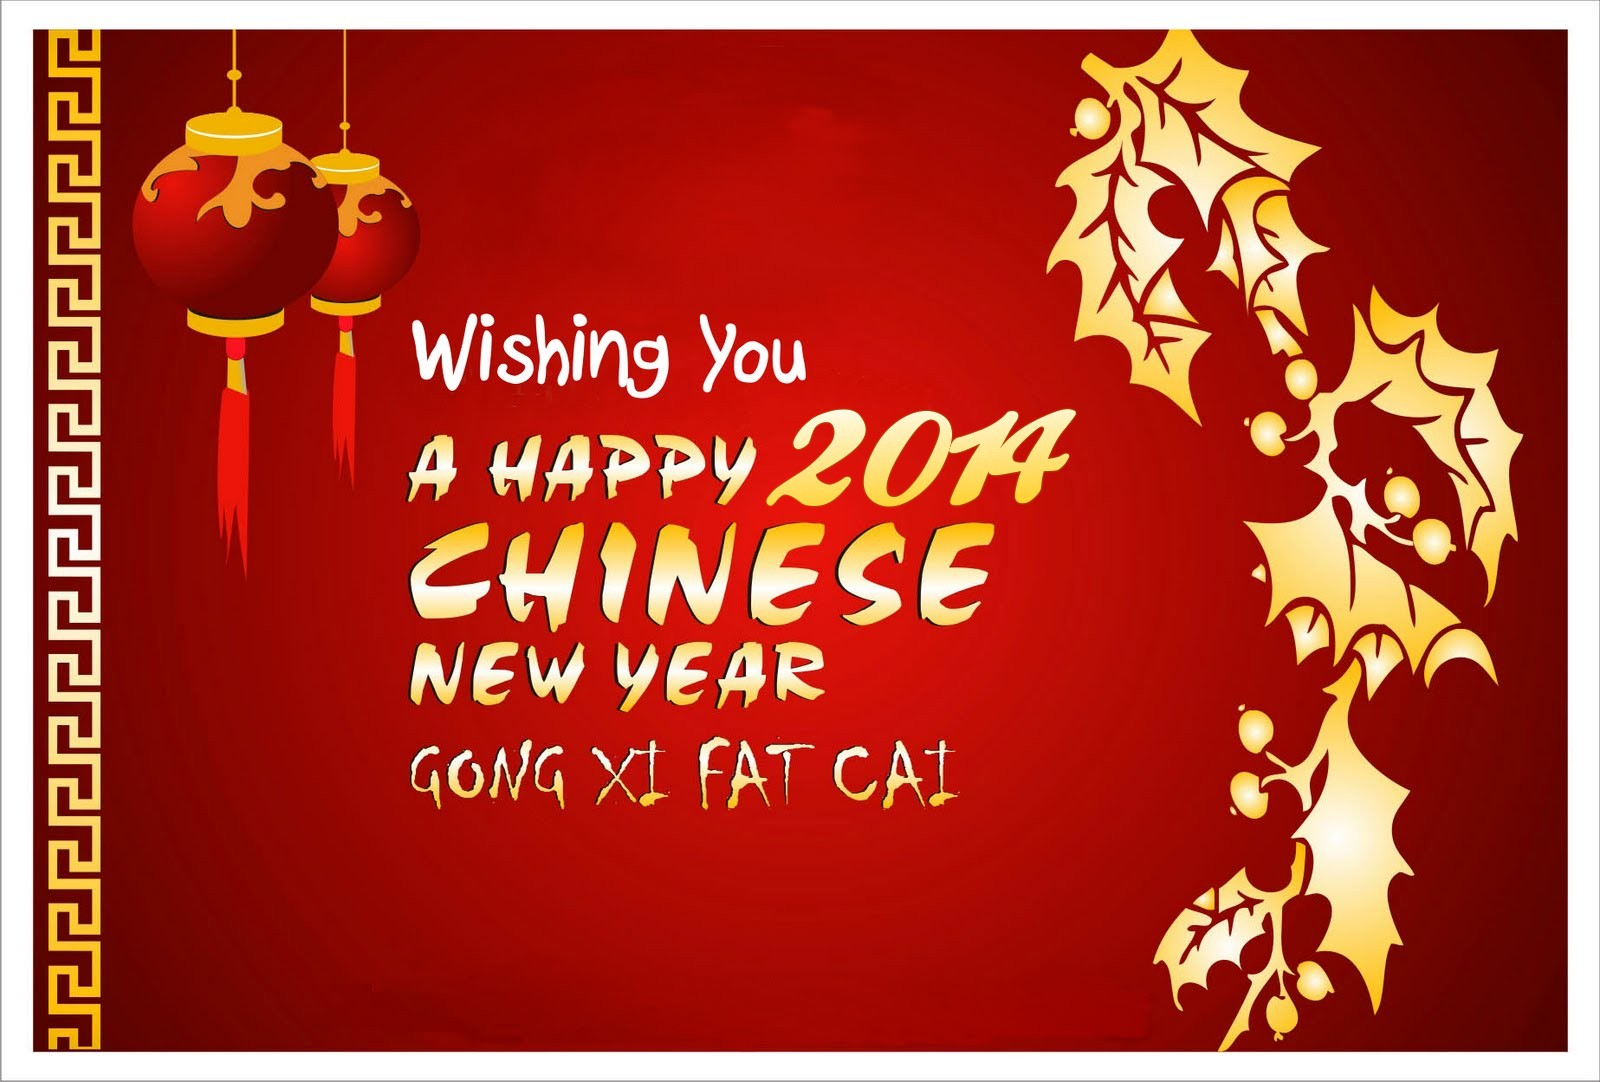 Happy new years chinese roho4senses happy new years chinese m4hsunfo